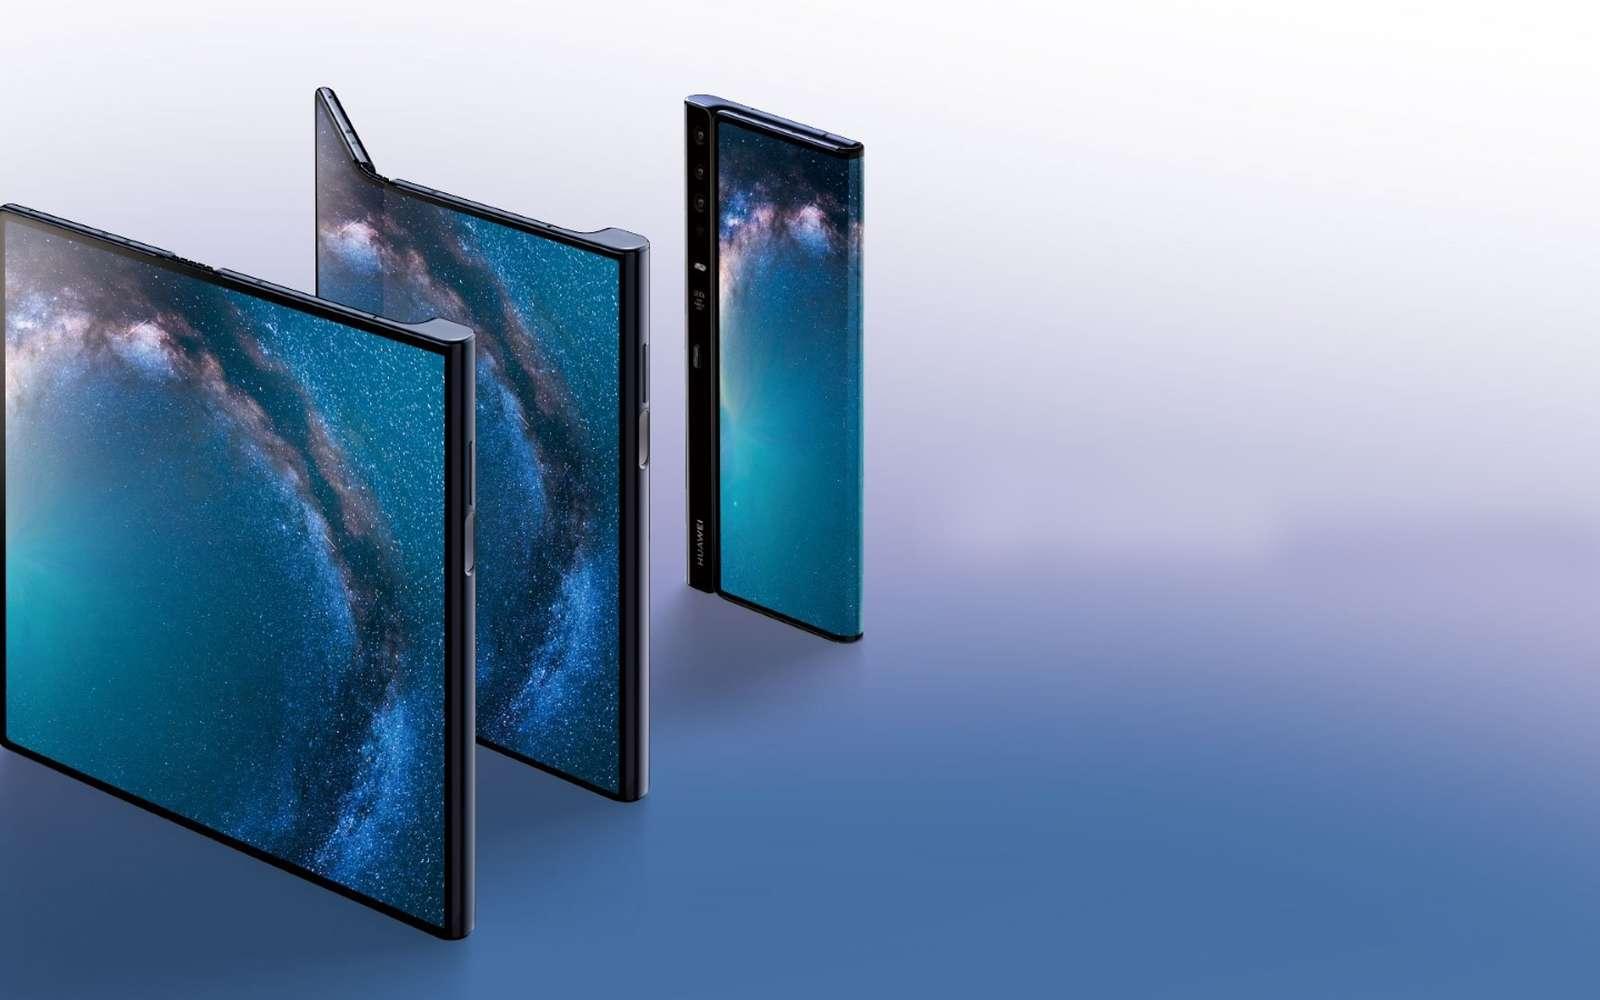 Une fois déplié, le Mate X d'Huawei se transforme en une véritable tablette de 8 pouces. L'écran est étiré au maximum pour laisser peu de place aux bordures. © Huawei